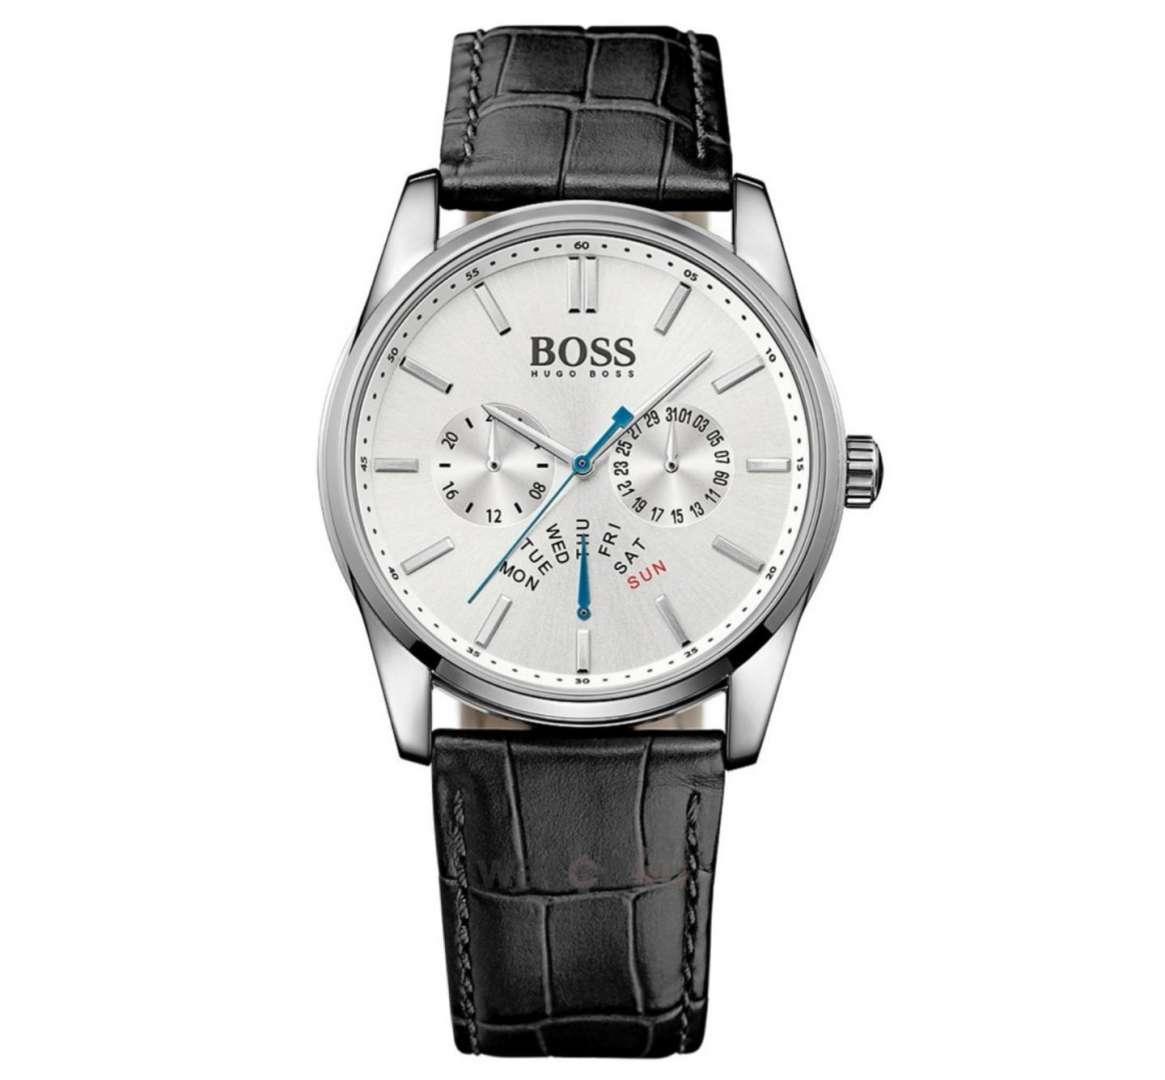 שעון יד אנלוגי לגבר hugo boss 1513123 הוגו בוס